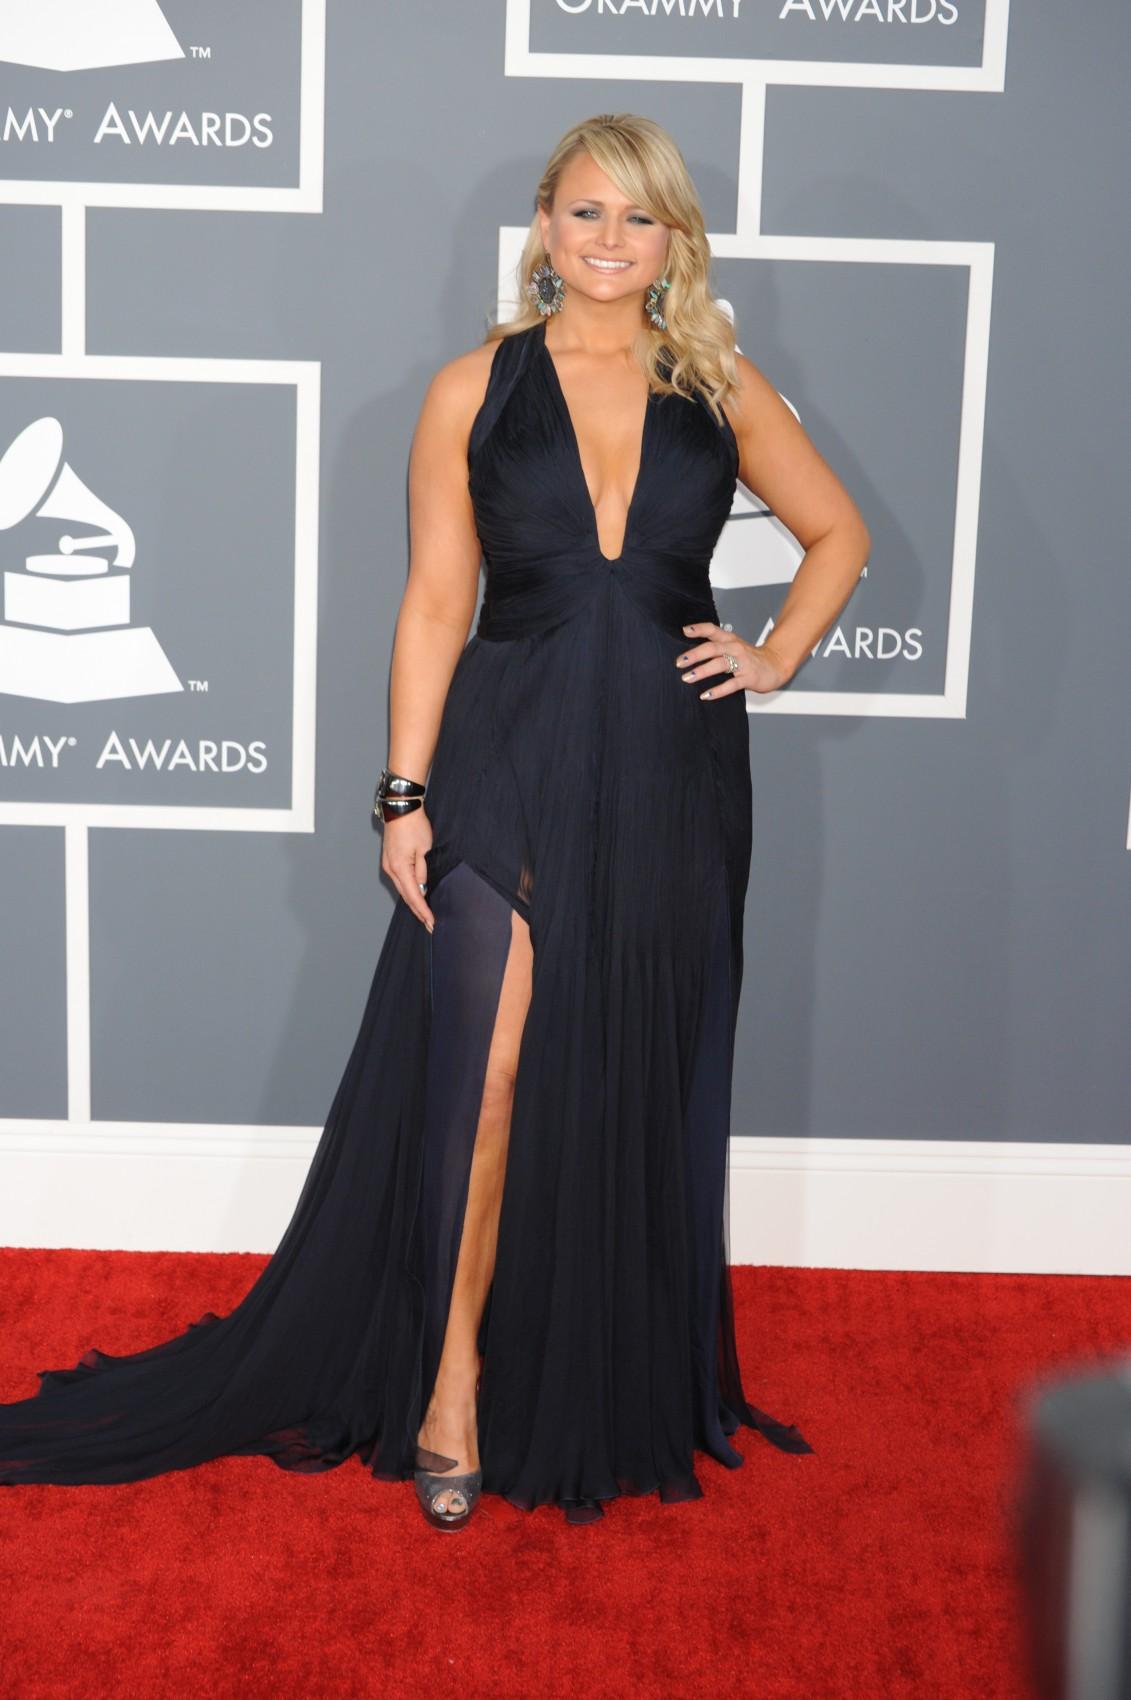 11. Miranda Lambert: Woman in black